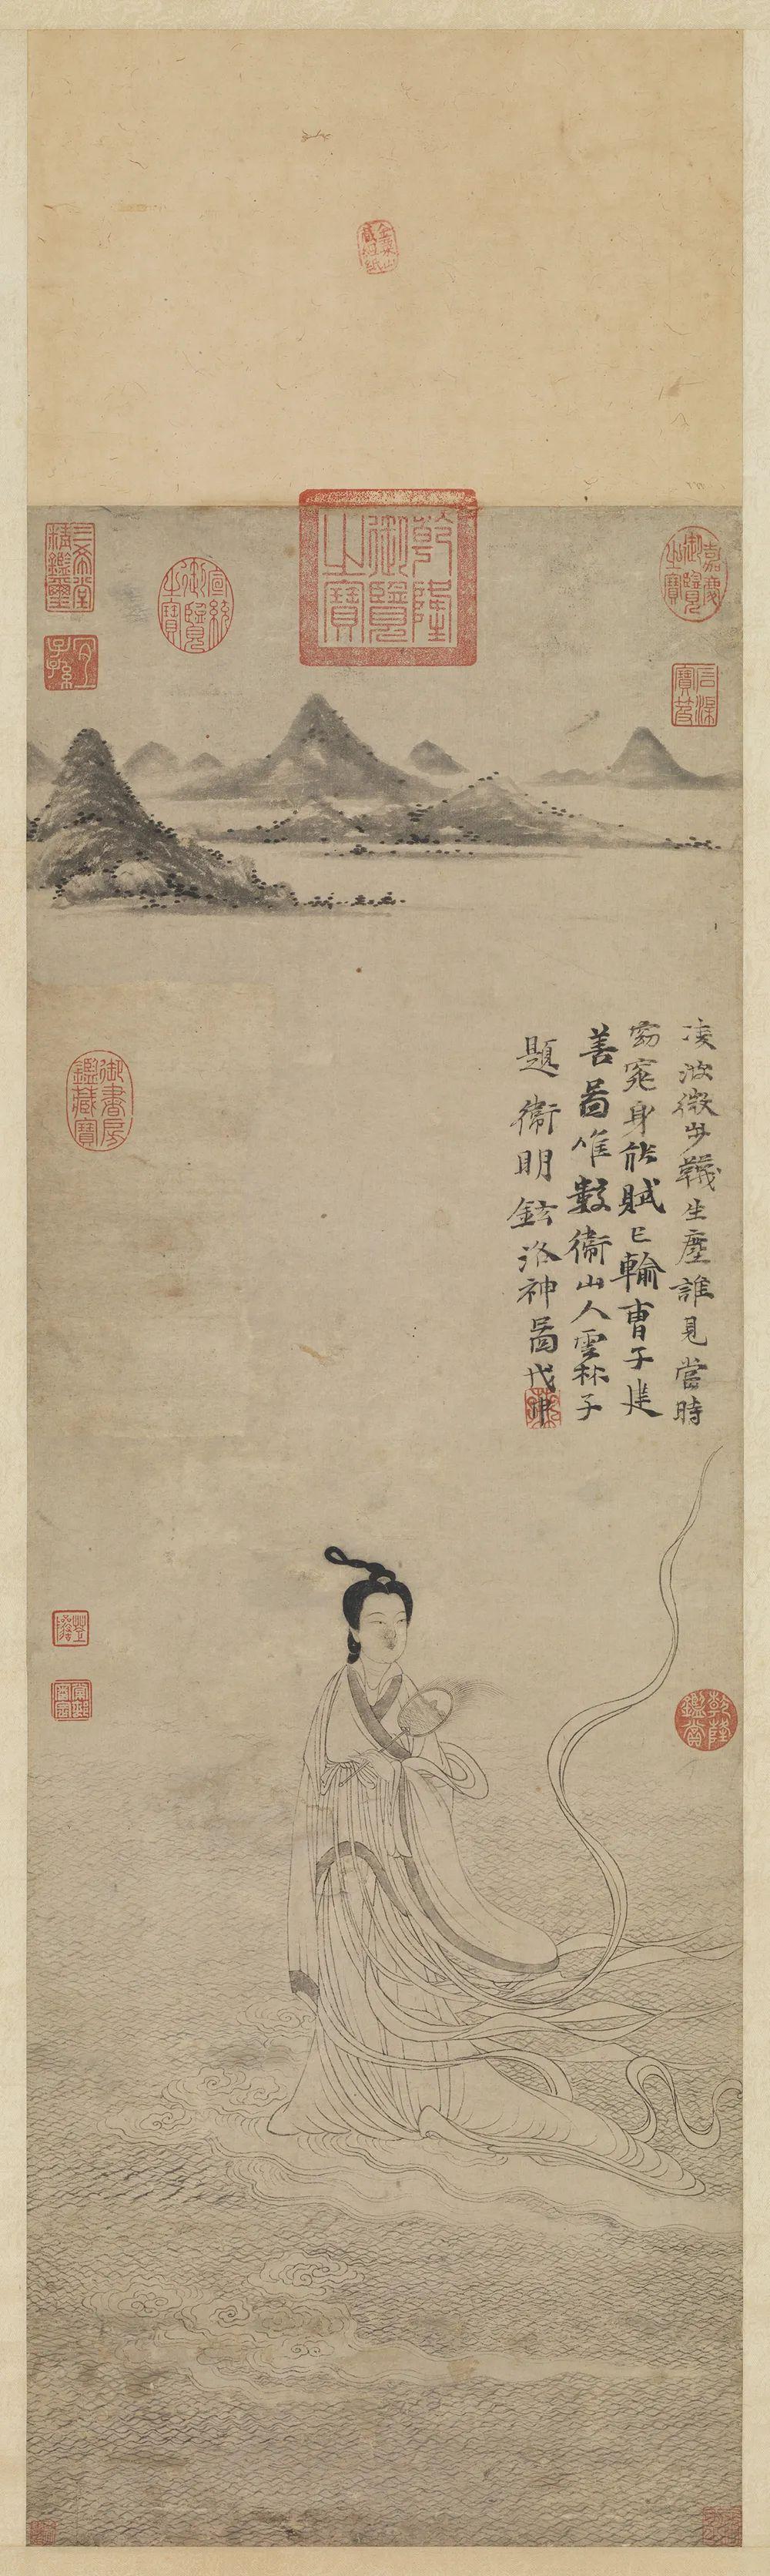 元 卫九鼎 《洛神图》轴